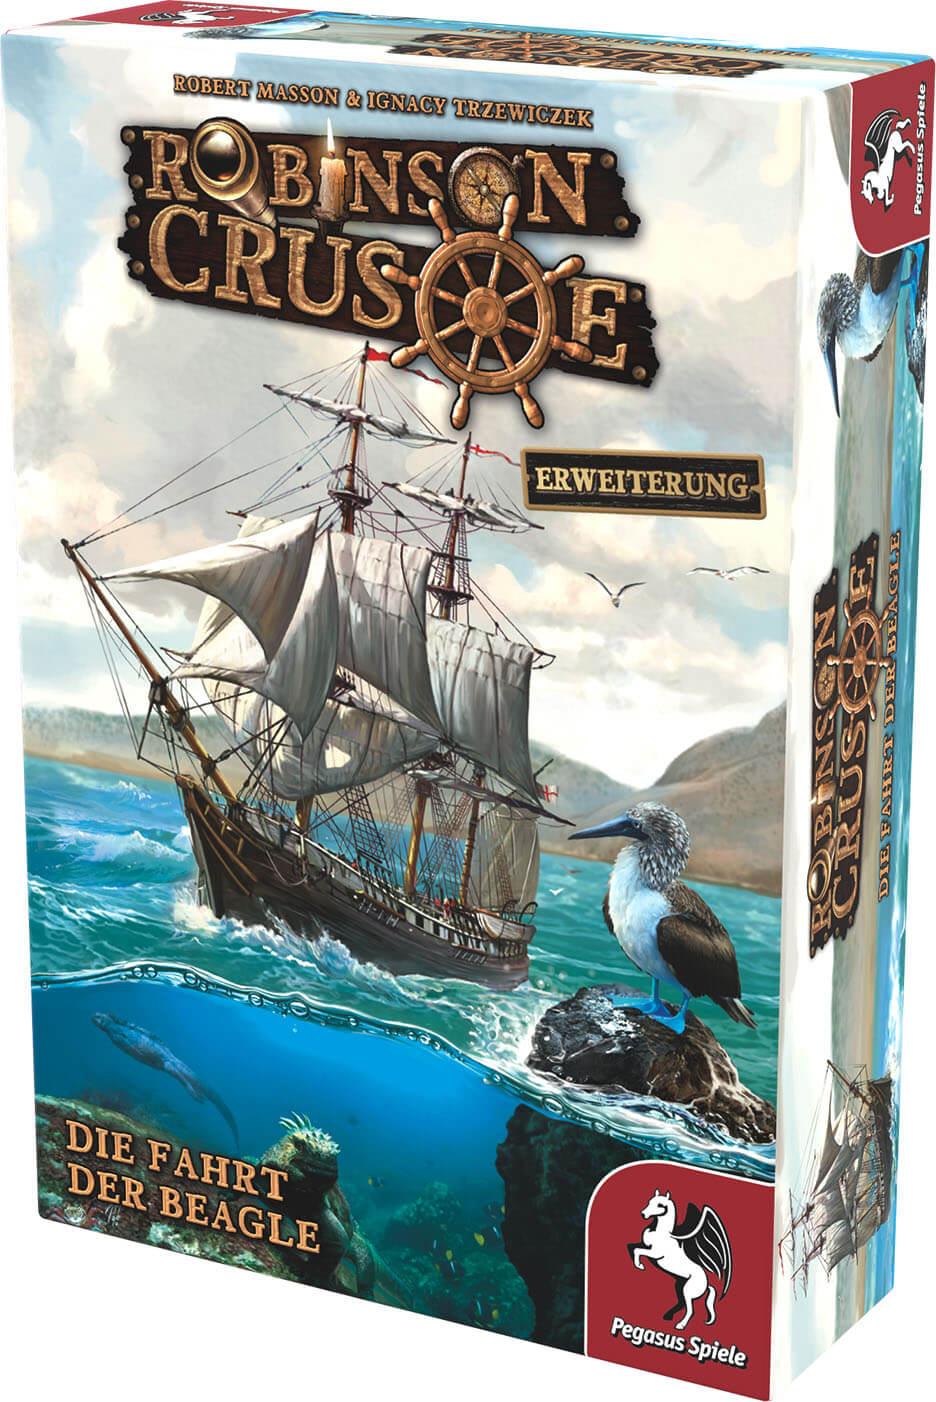 Schachtel Vorderseite, rechte Seite- Robinson Crusoe: Die Fahrt der Beagle